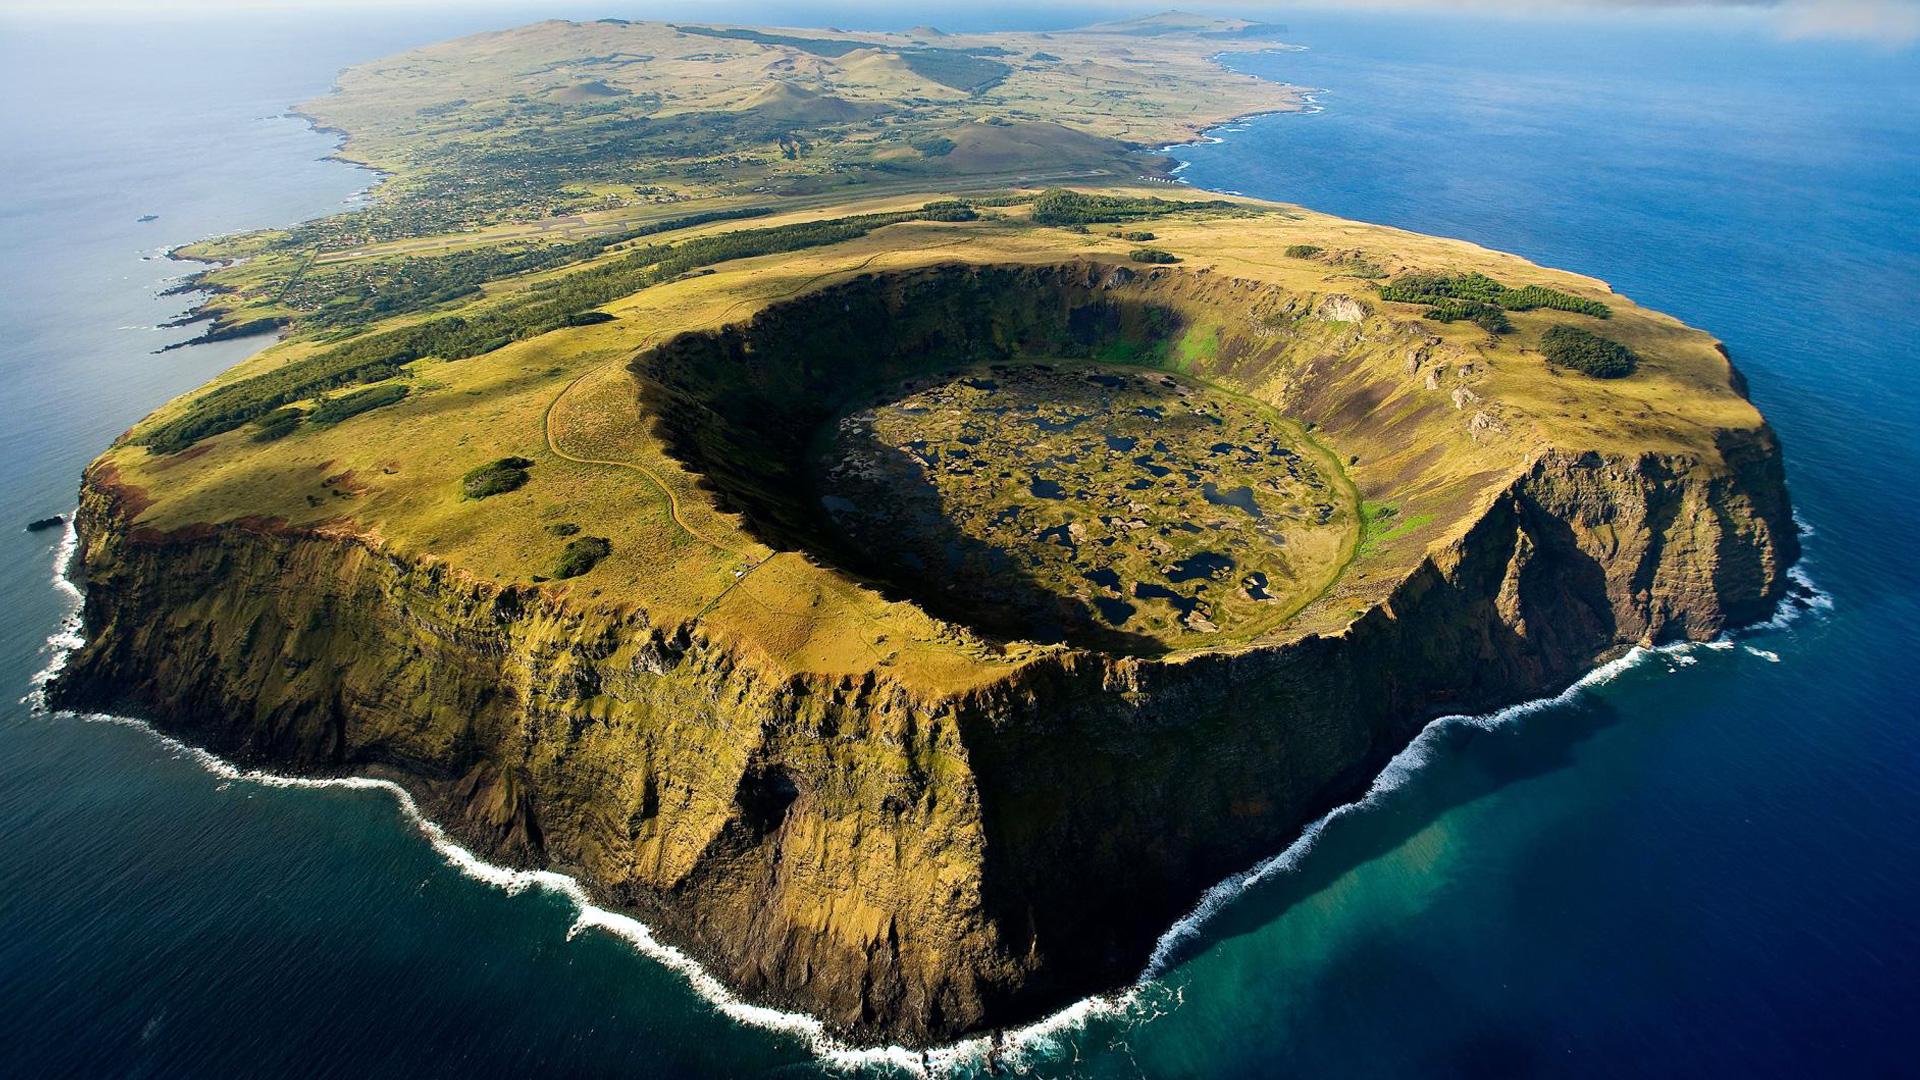 这座数次毁灭又复活的小岛,几十吨的石像会走路,新灾难令人担忧